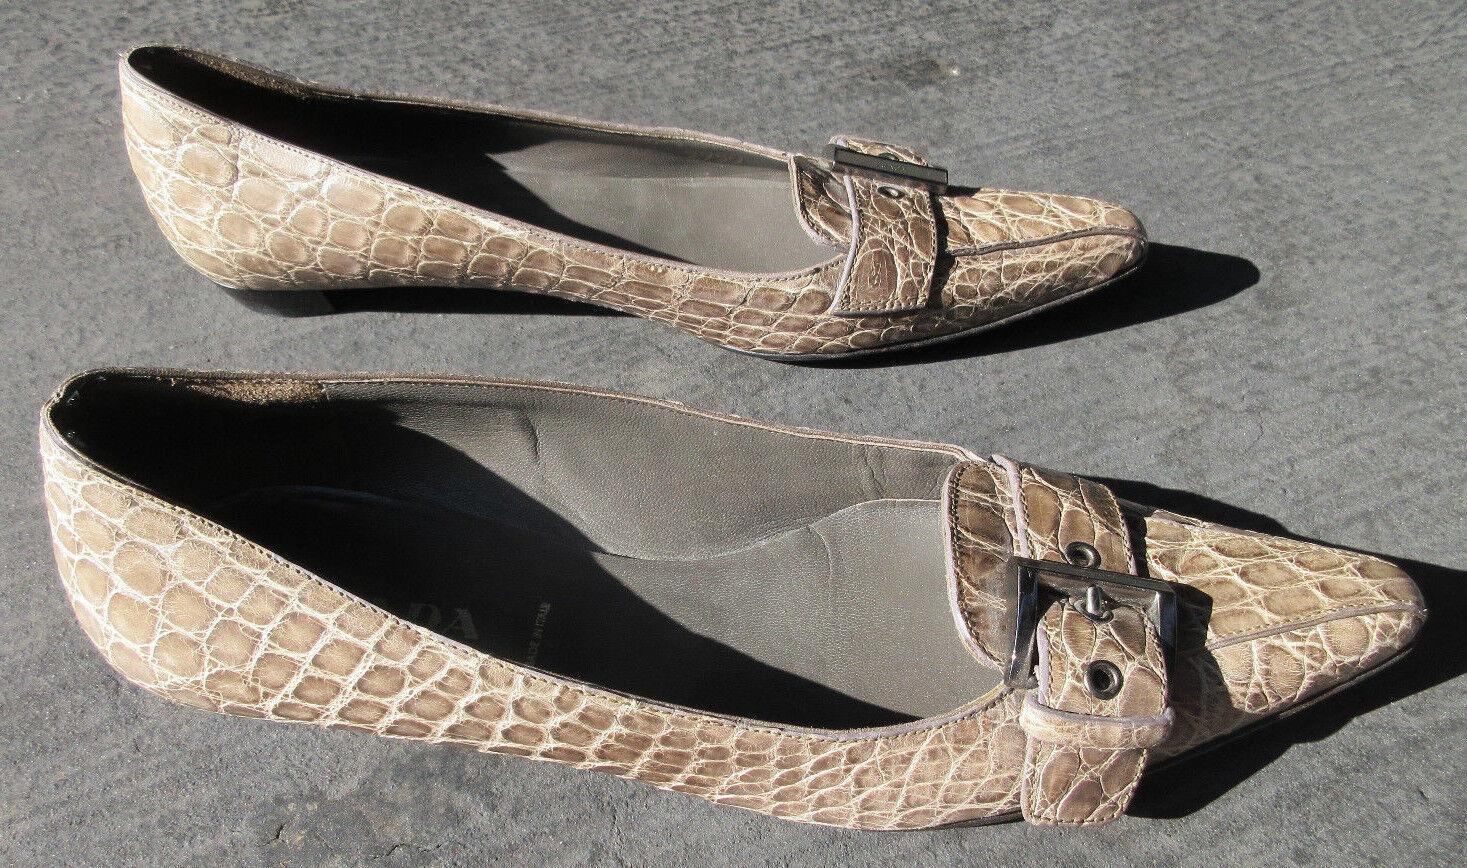 Prada Italia  2950 2950 2950 tan Cocodrilo Hebilla Puntera Puntiaguda plana mujer zapatos talla 37.5  venta caliente